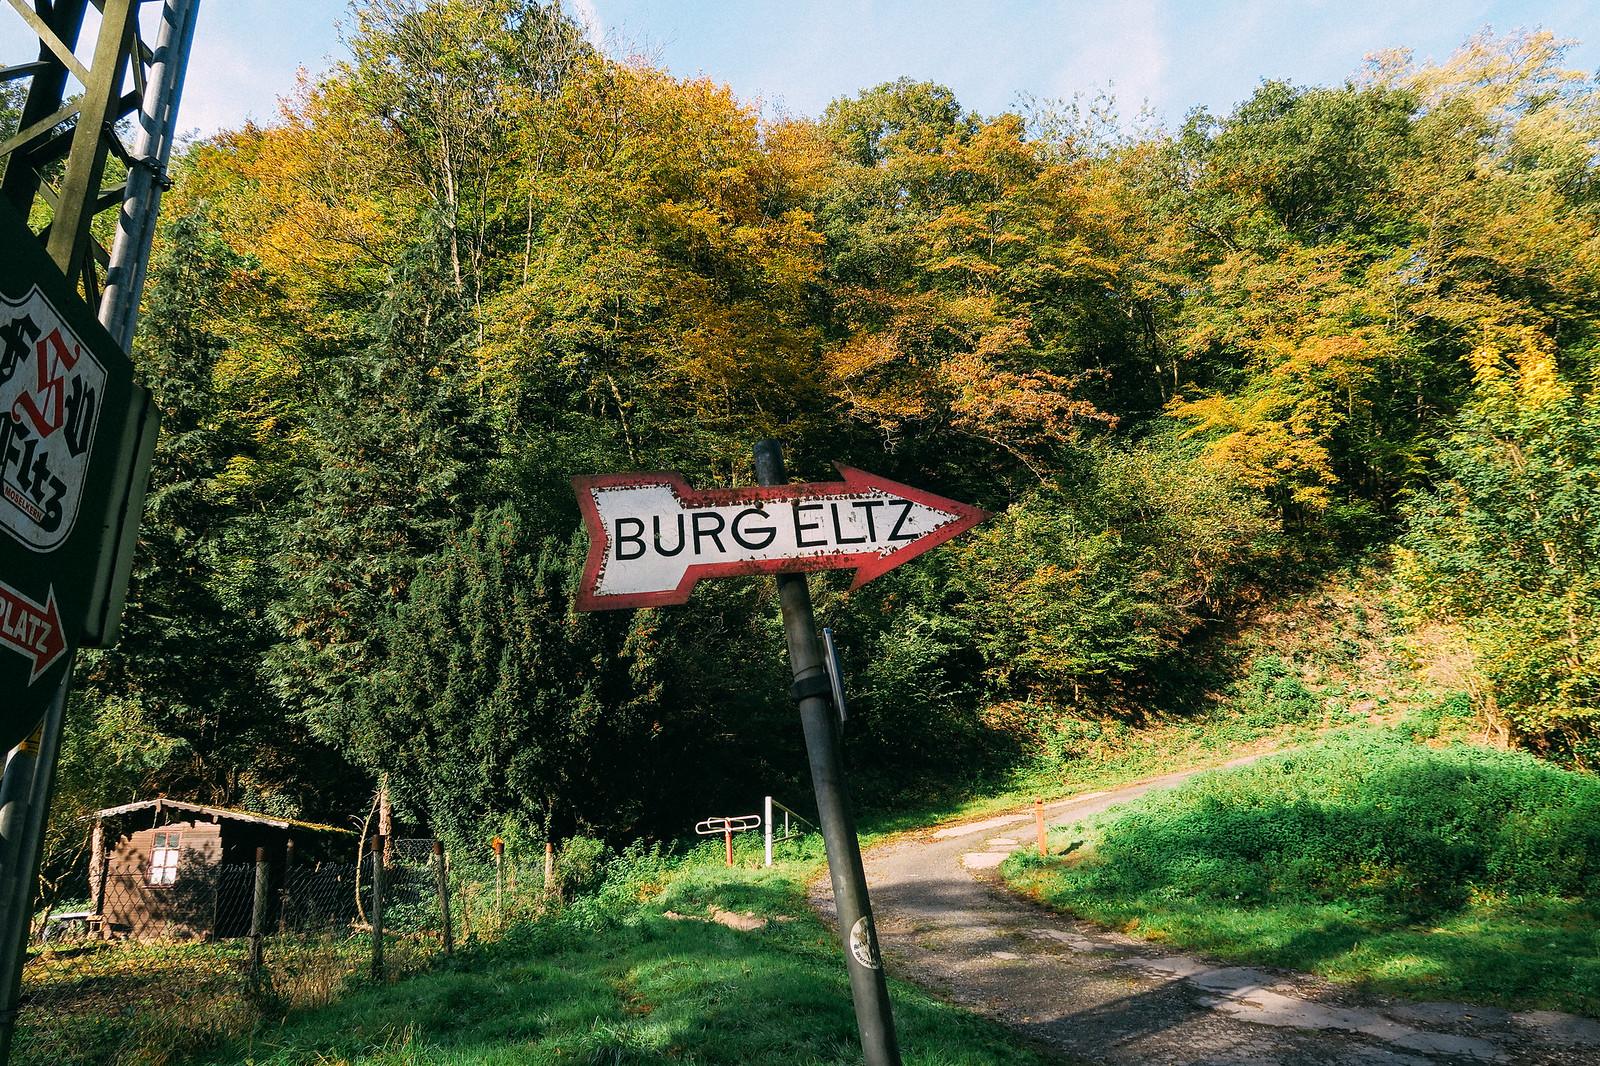 Burg Eltz 2015 (1 of 45)